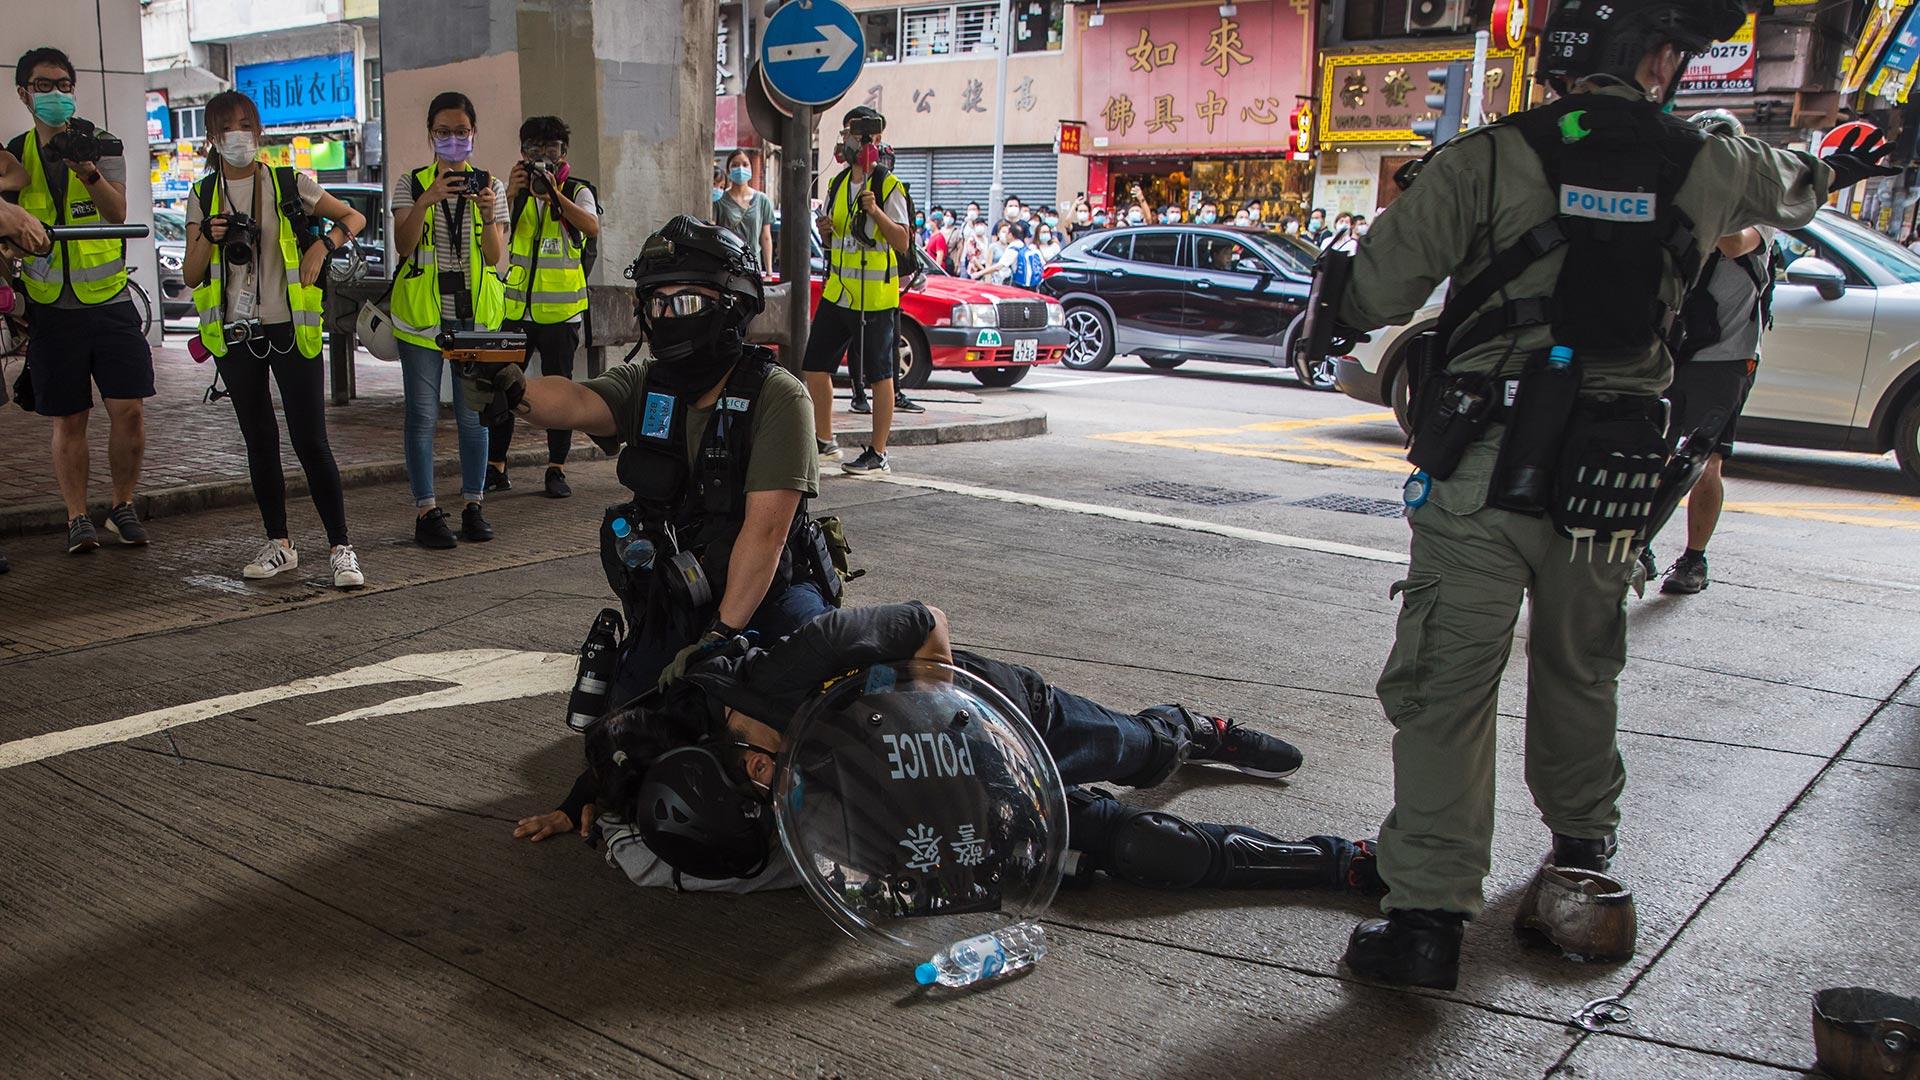 La Policía de Hong Kong anunció que desplegaría entre 3.000 y 5.000 policías ante la previsión de manifestaciones por el vigésimo tercer aniversario de la vuelta de la antigua colonia británica al dominio de China